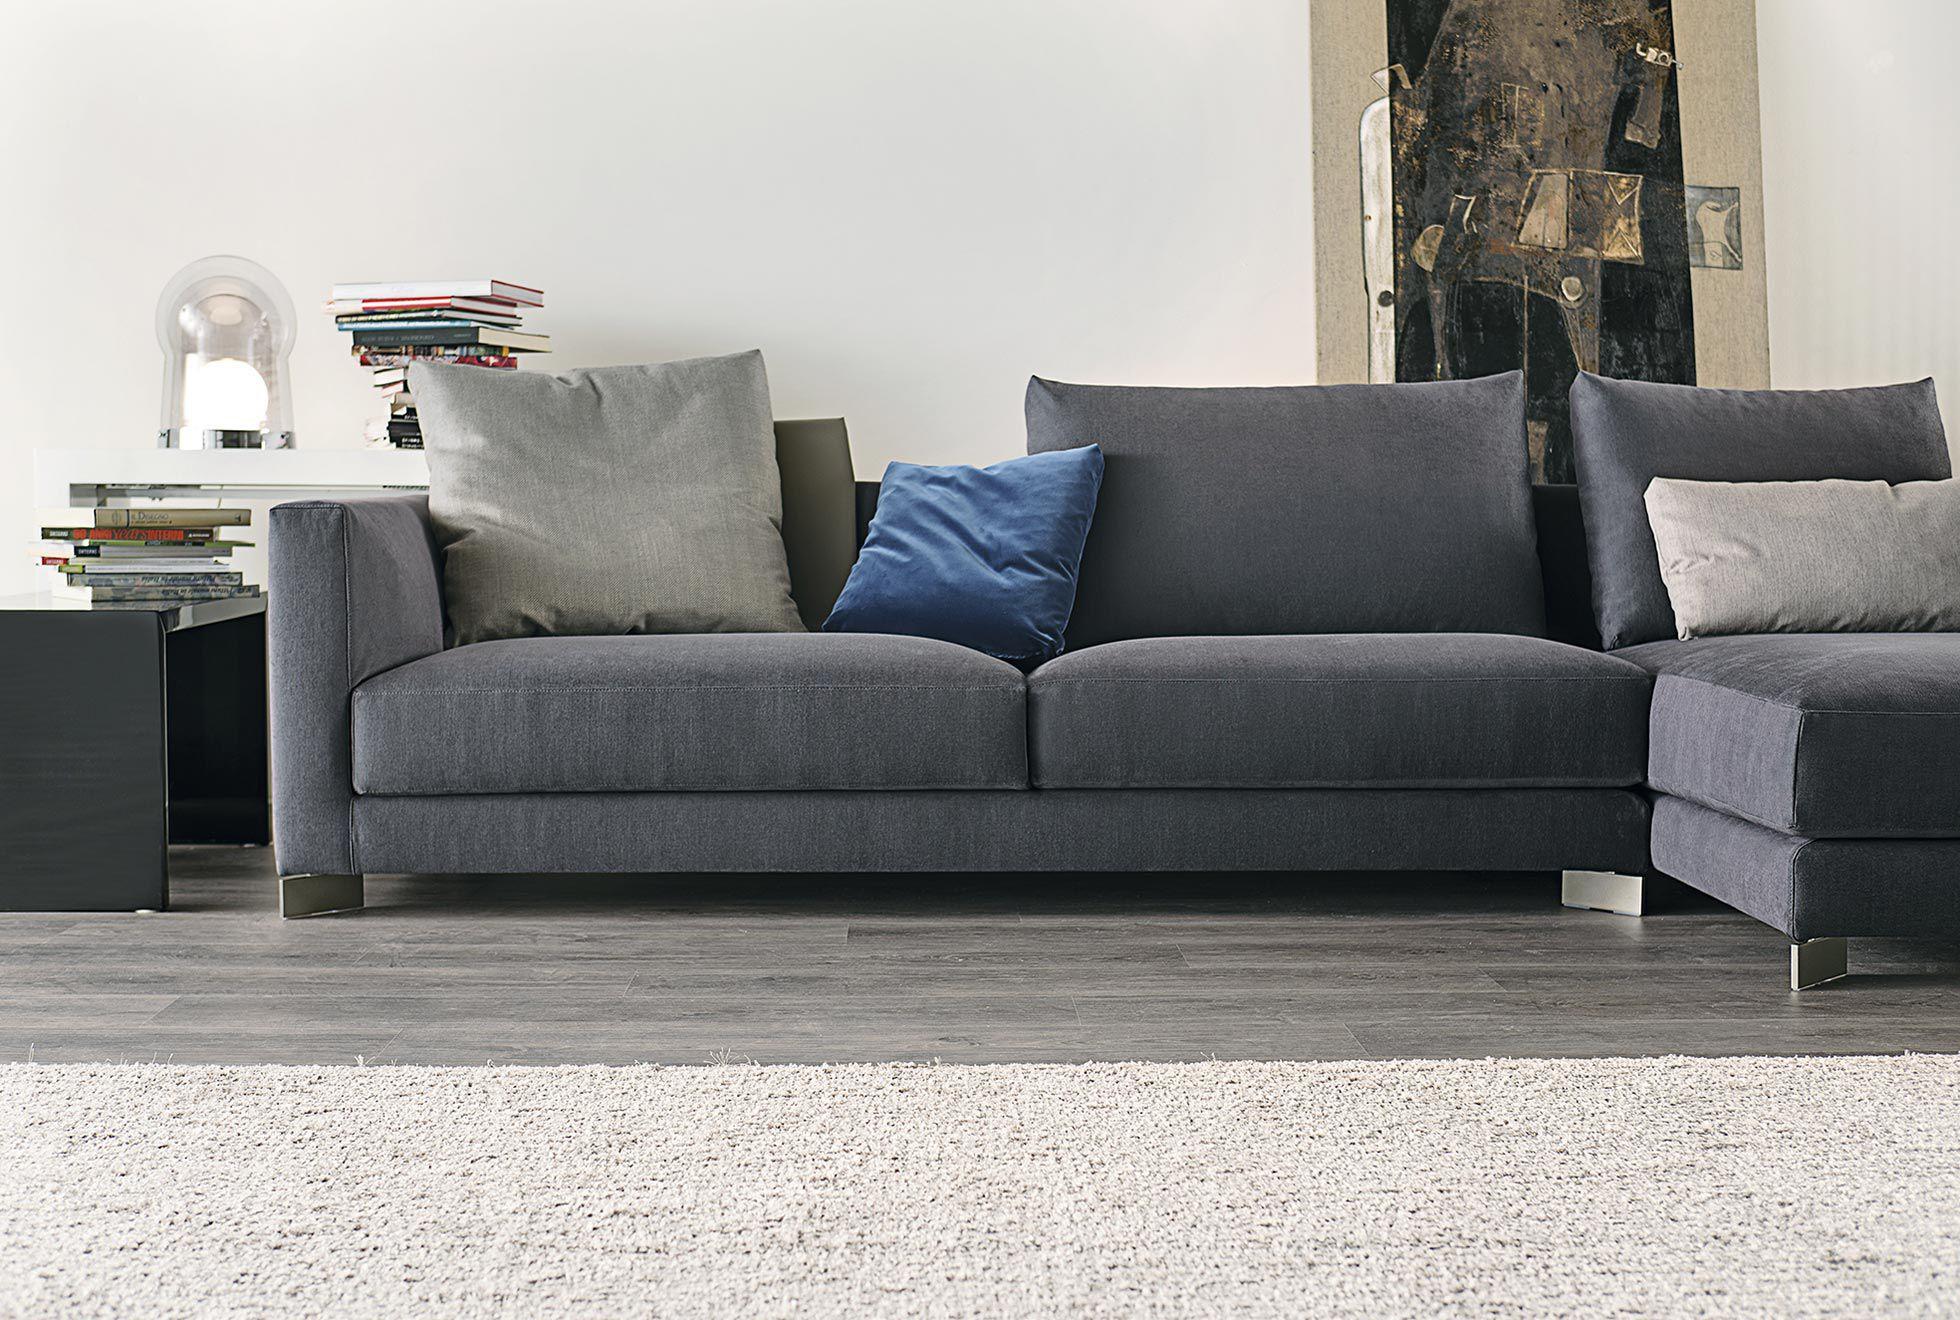 Modular sofa contemporary fabric ergonomic BLUM art nova srl